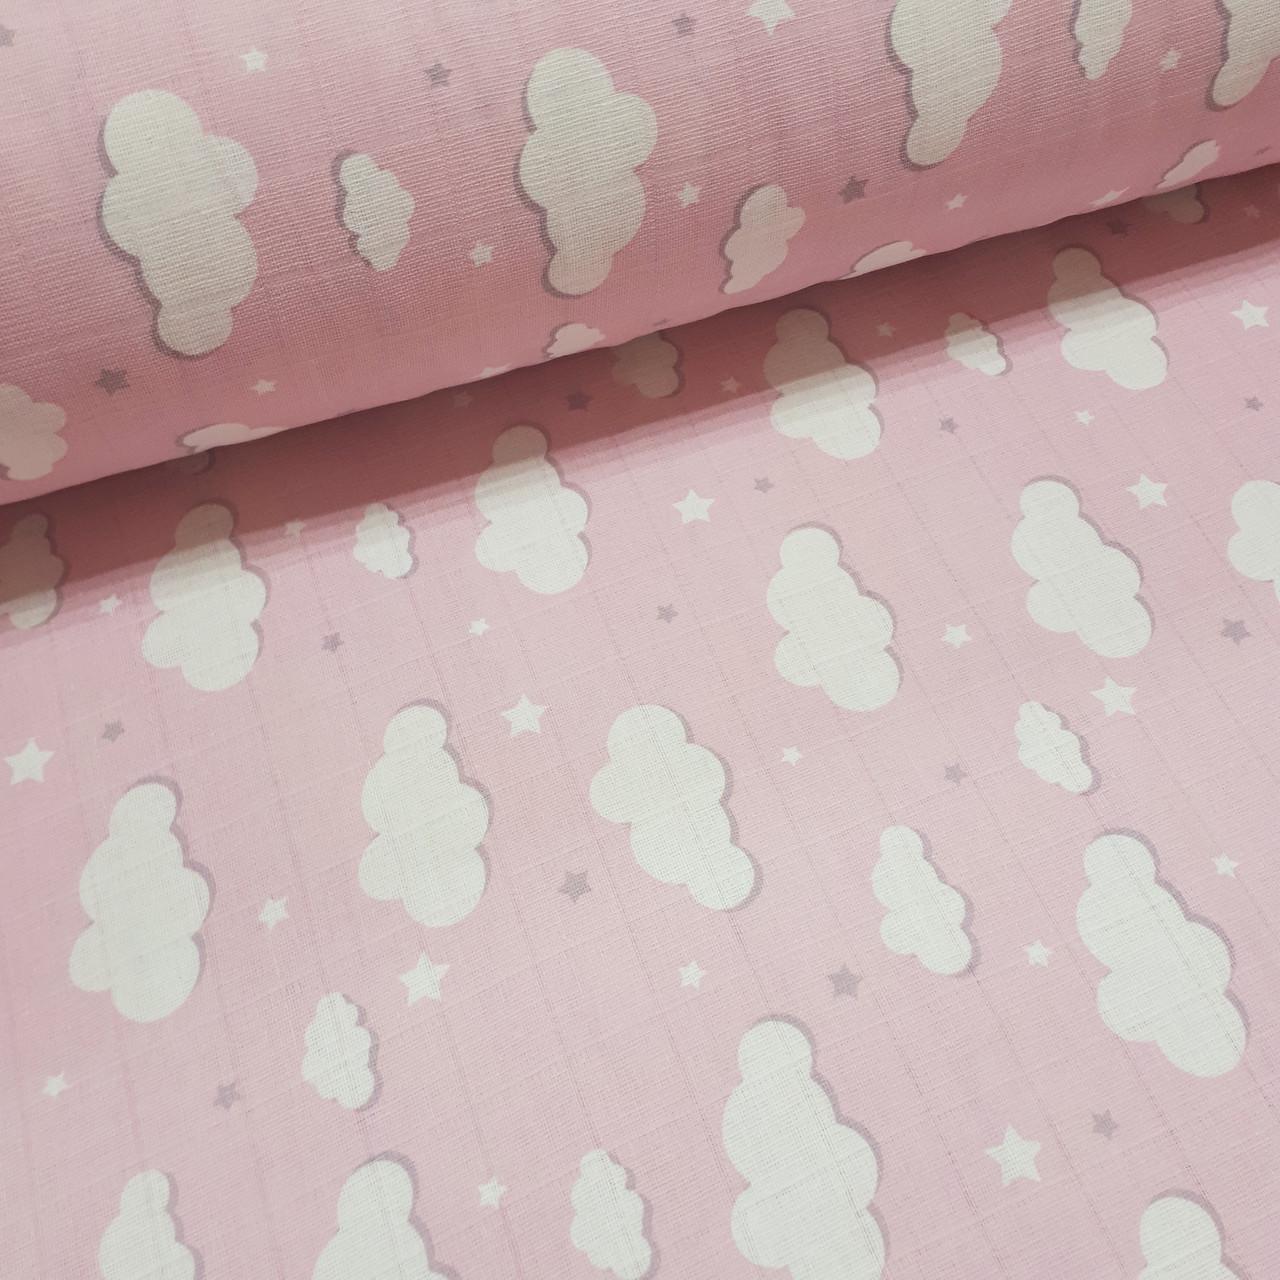 Ткань муслин Двухслойная белые облака на розовом (шир. 1,6 м)